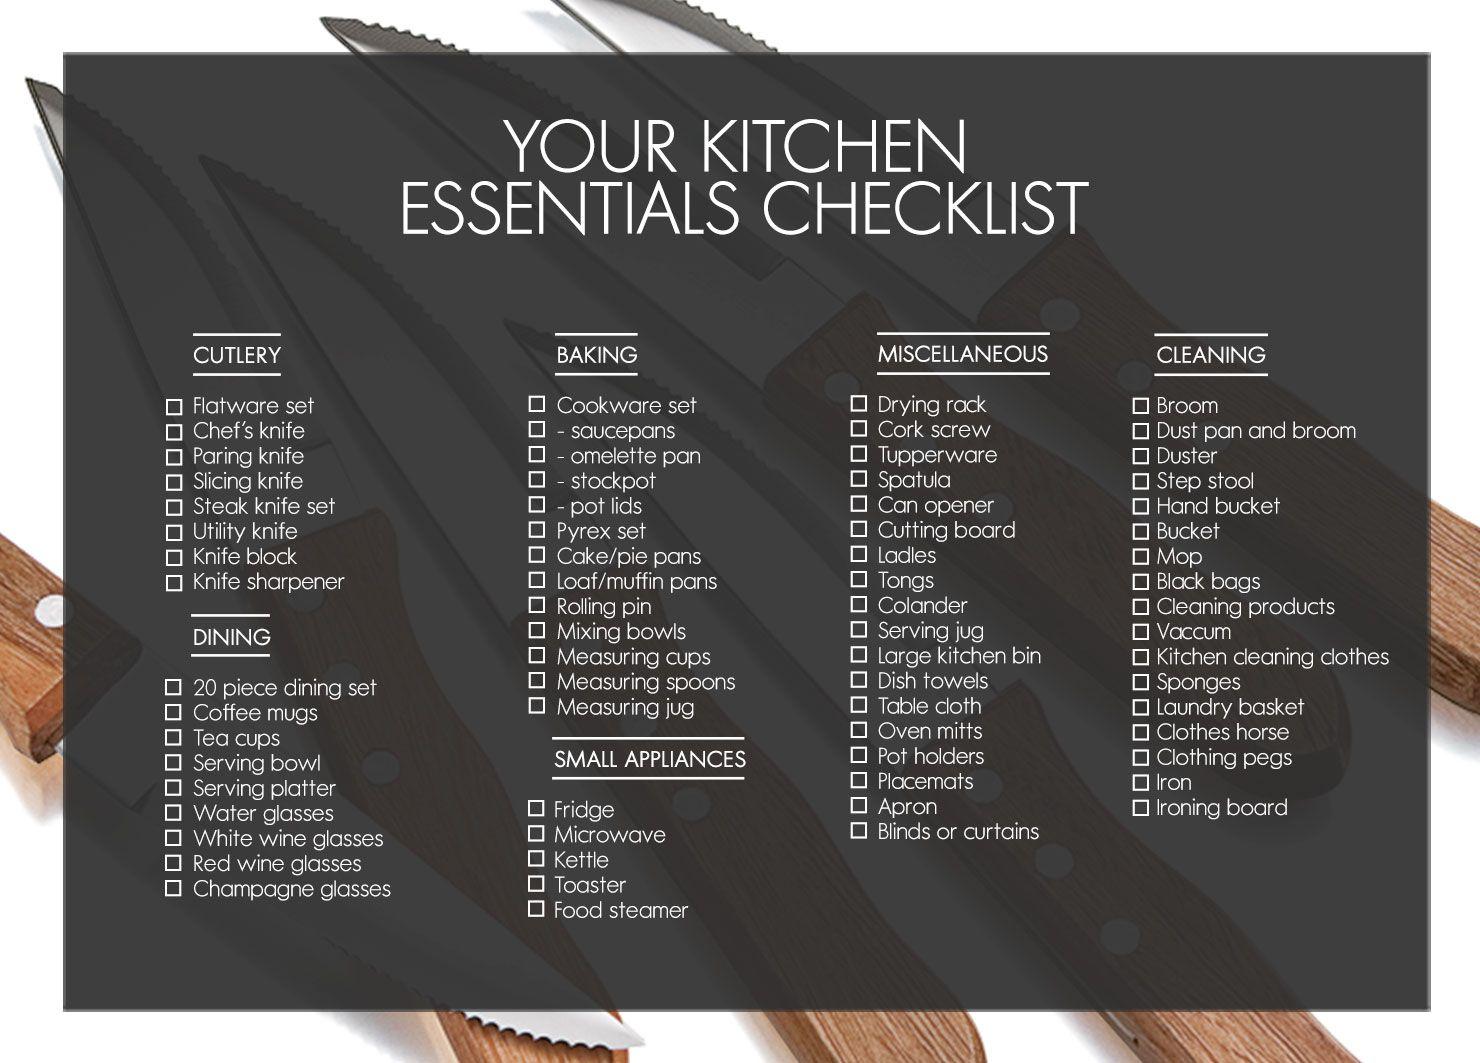 Essentials For A Kitchen 1 Kitchen Essentials Checklist